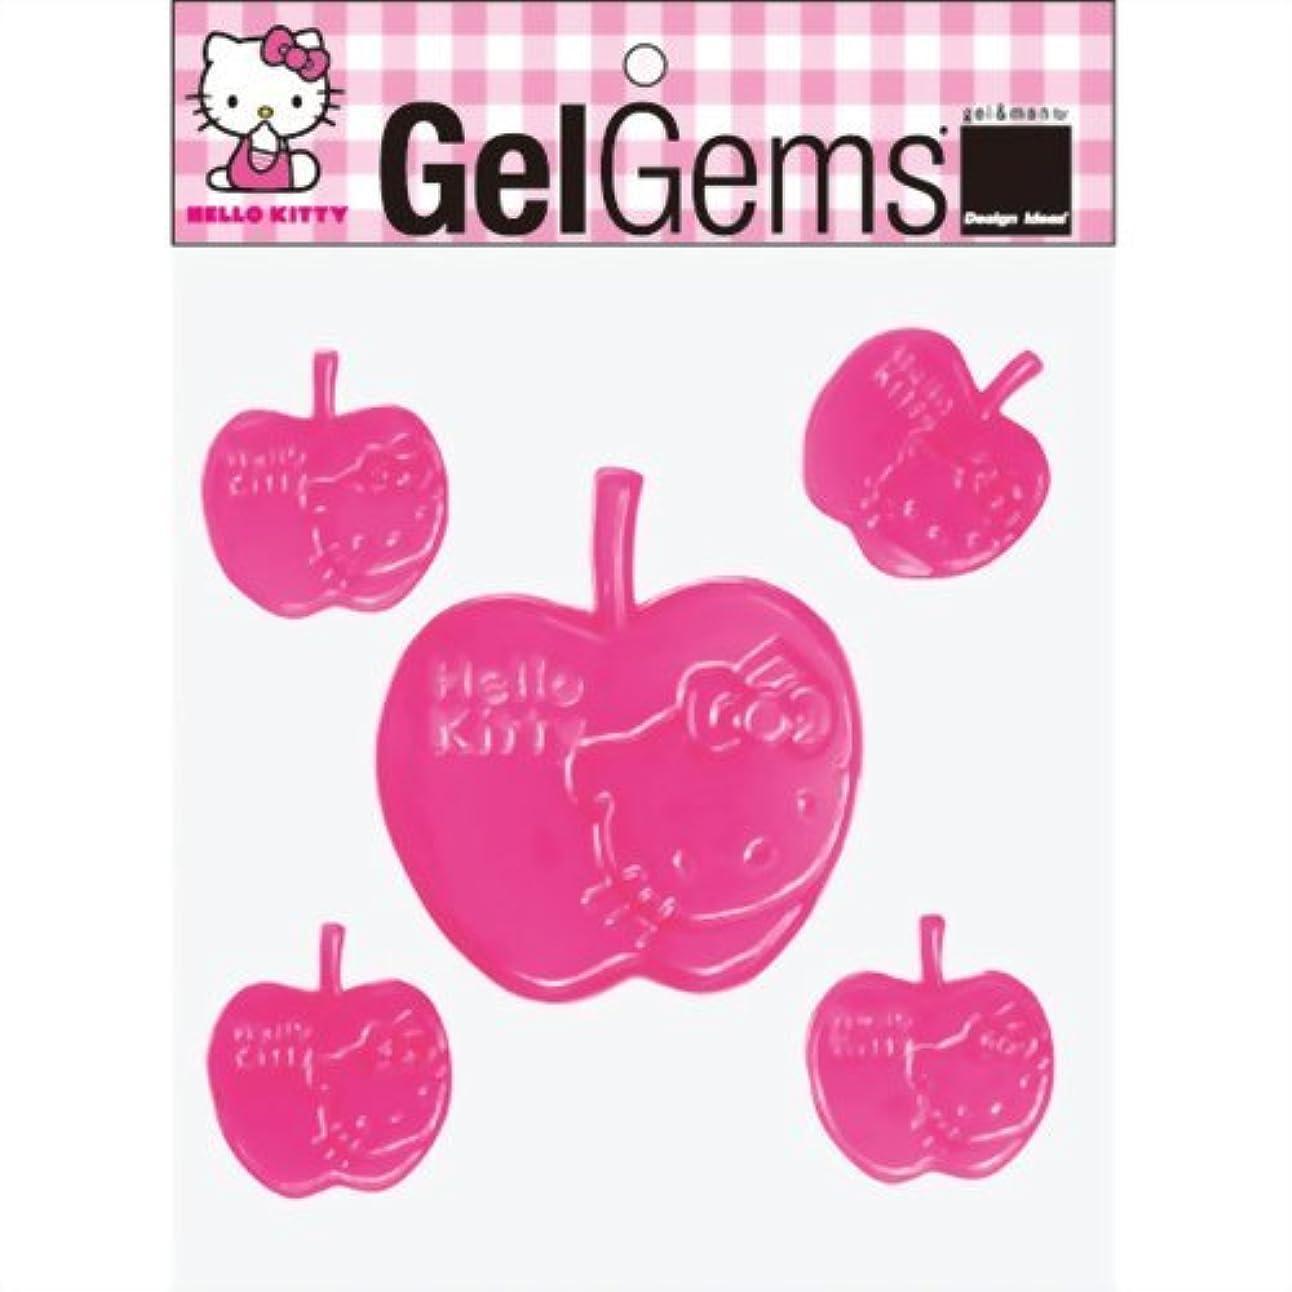 メキシコ鍔住むジェルジェムハローキティバッグS 「 ピンクリンゴ 」 E1200002